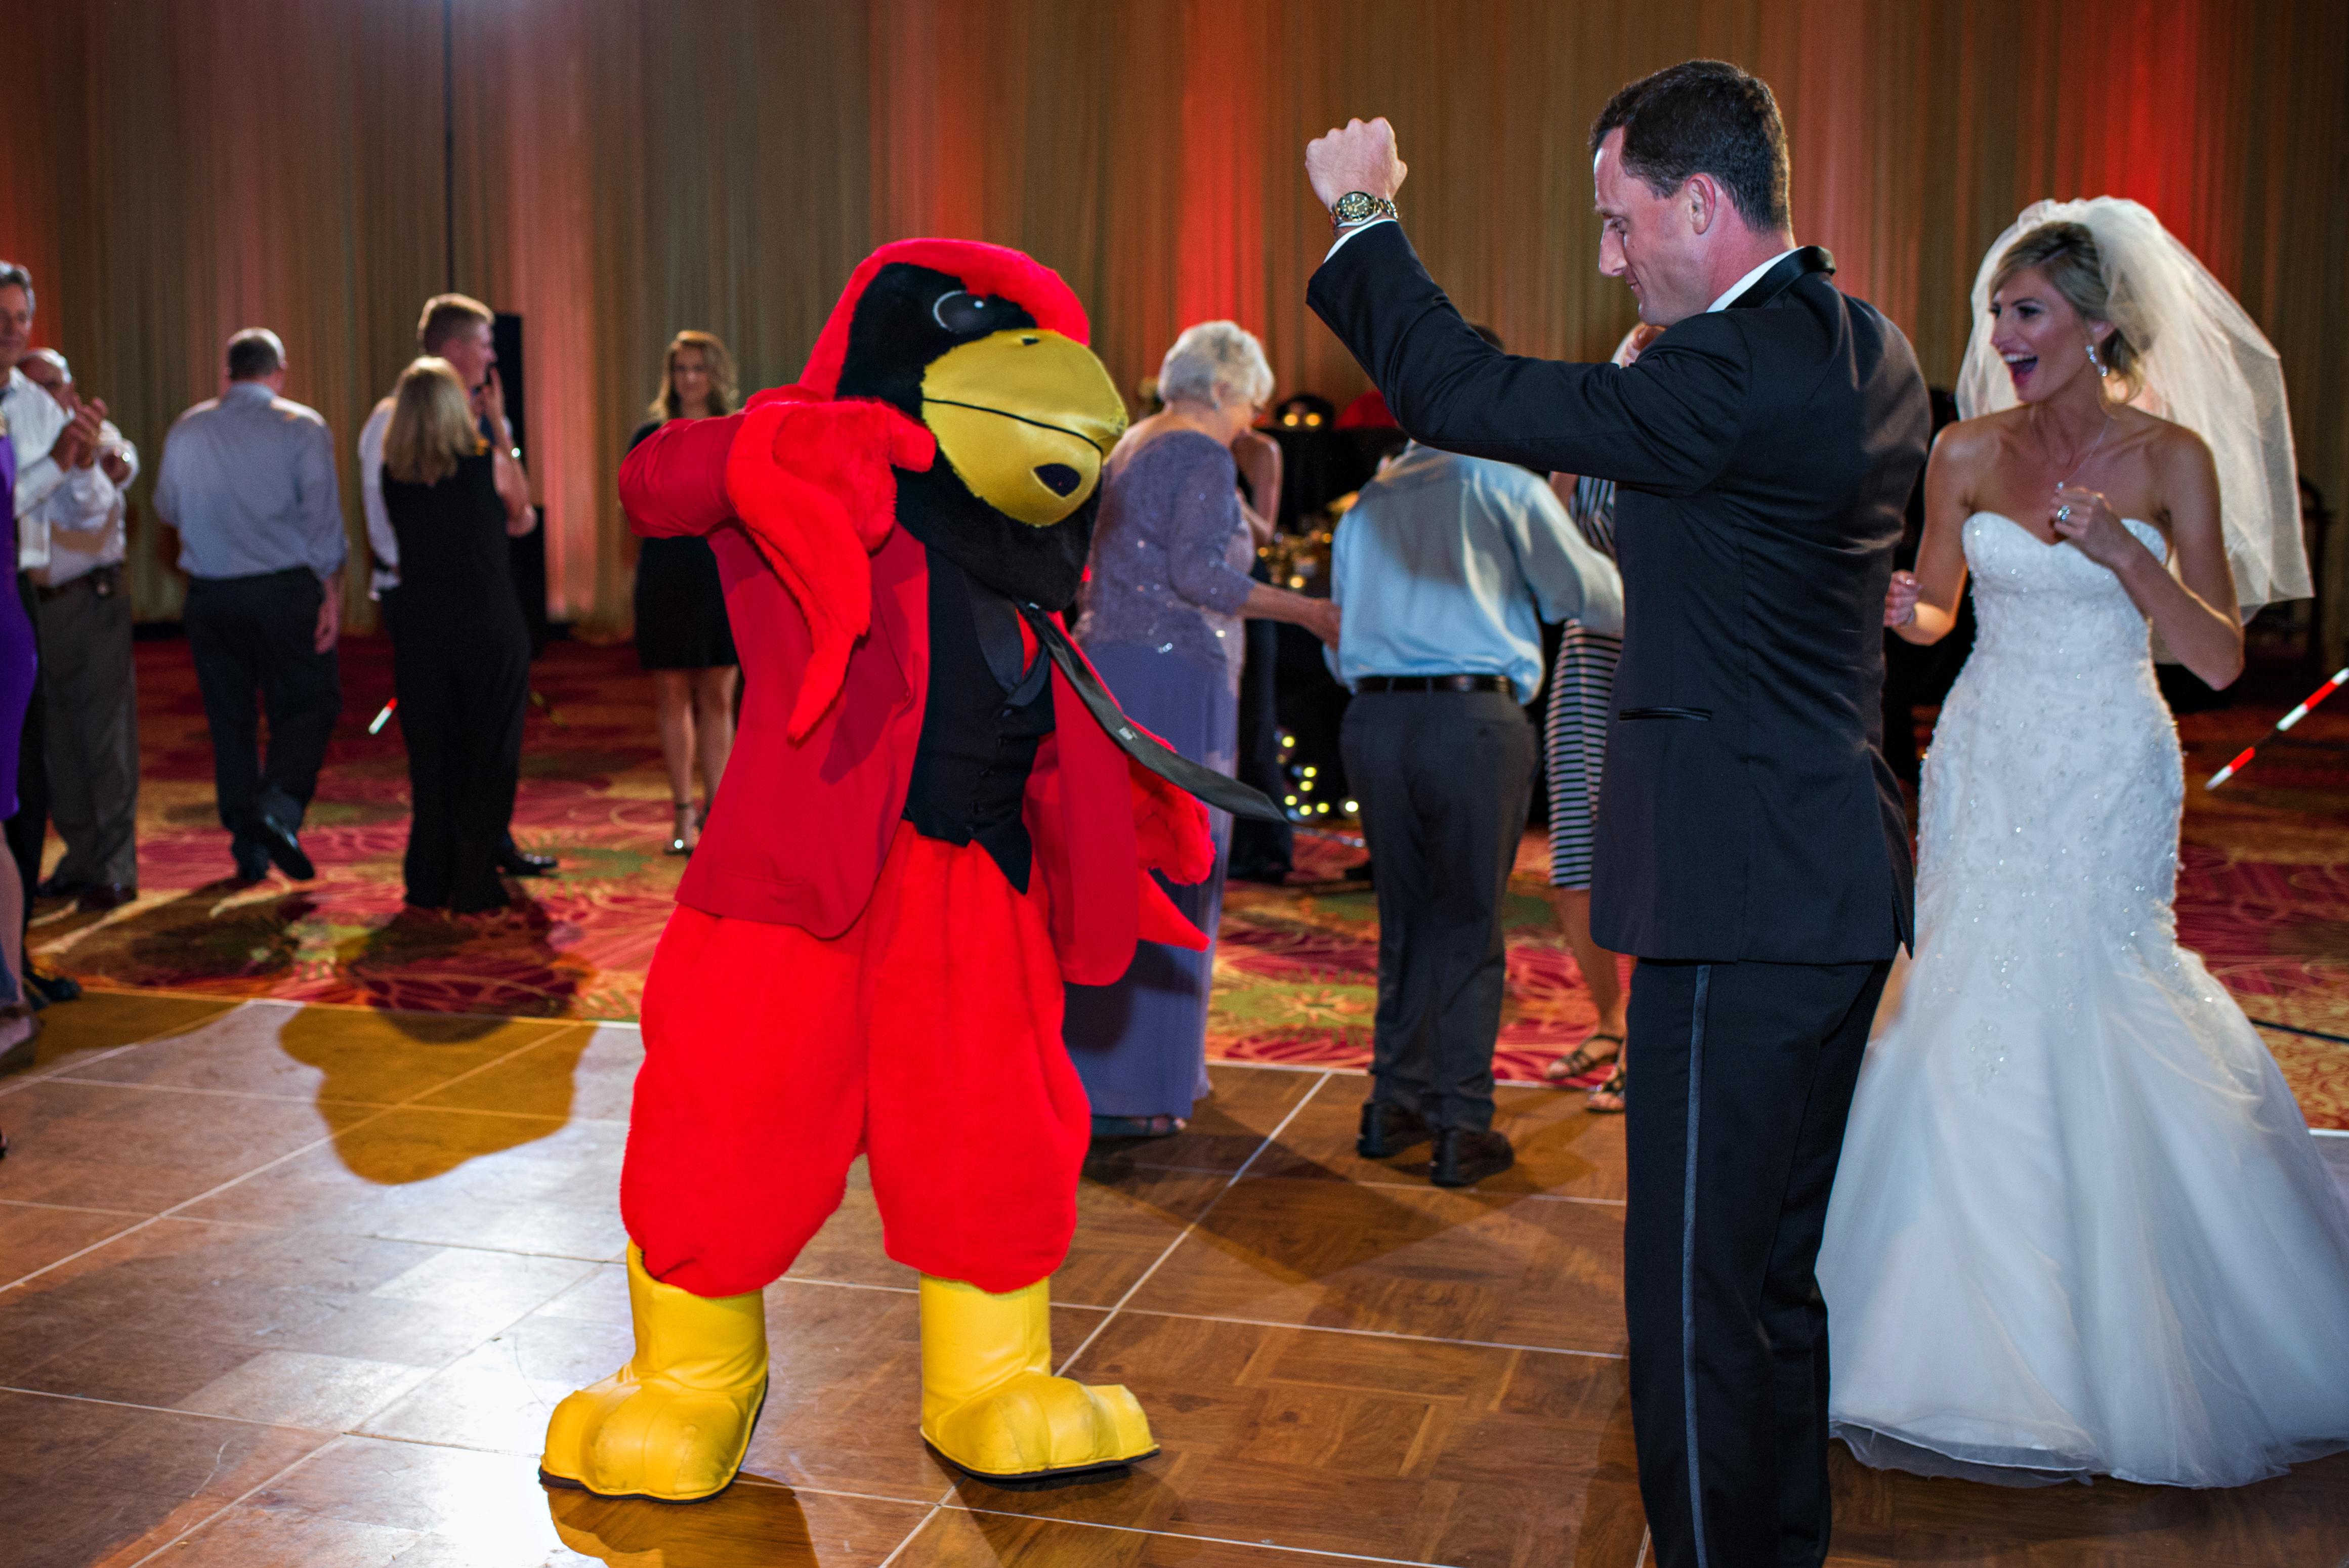 Joe and Casey join Reggie Redbird on the dance floor.